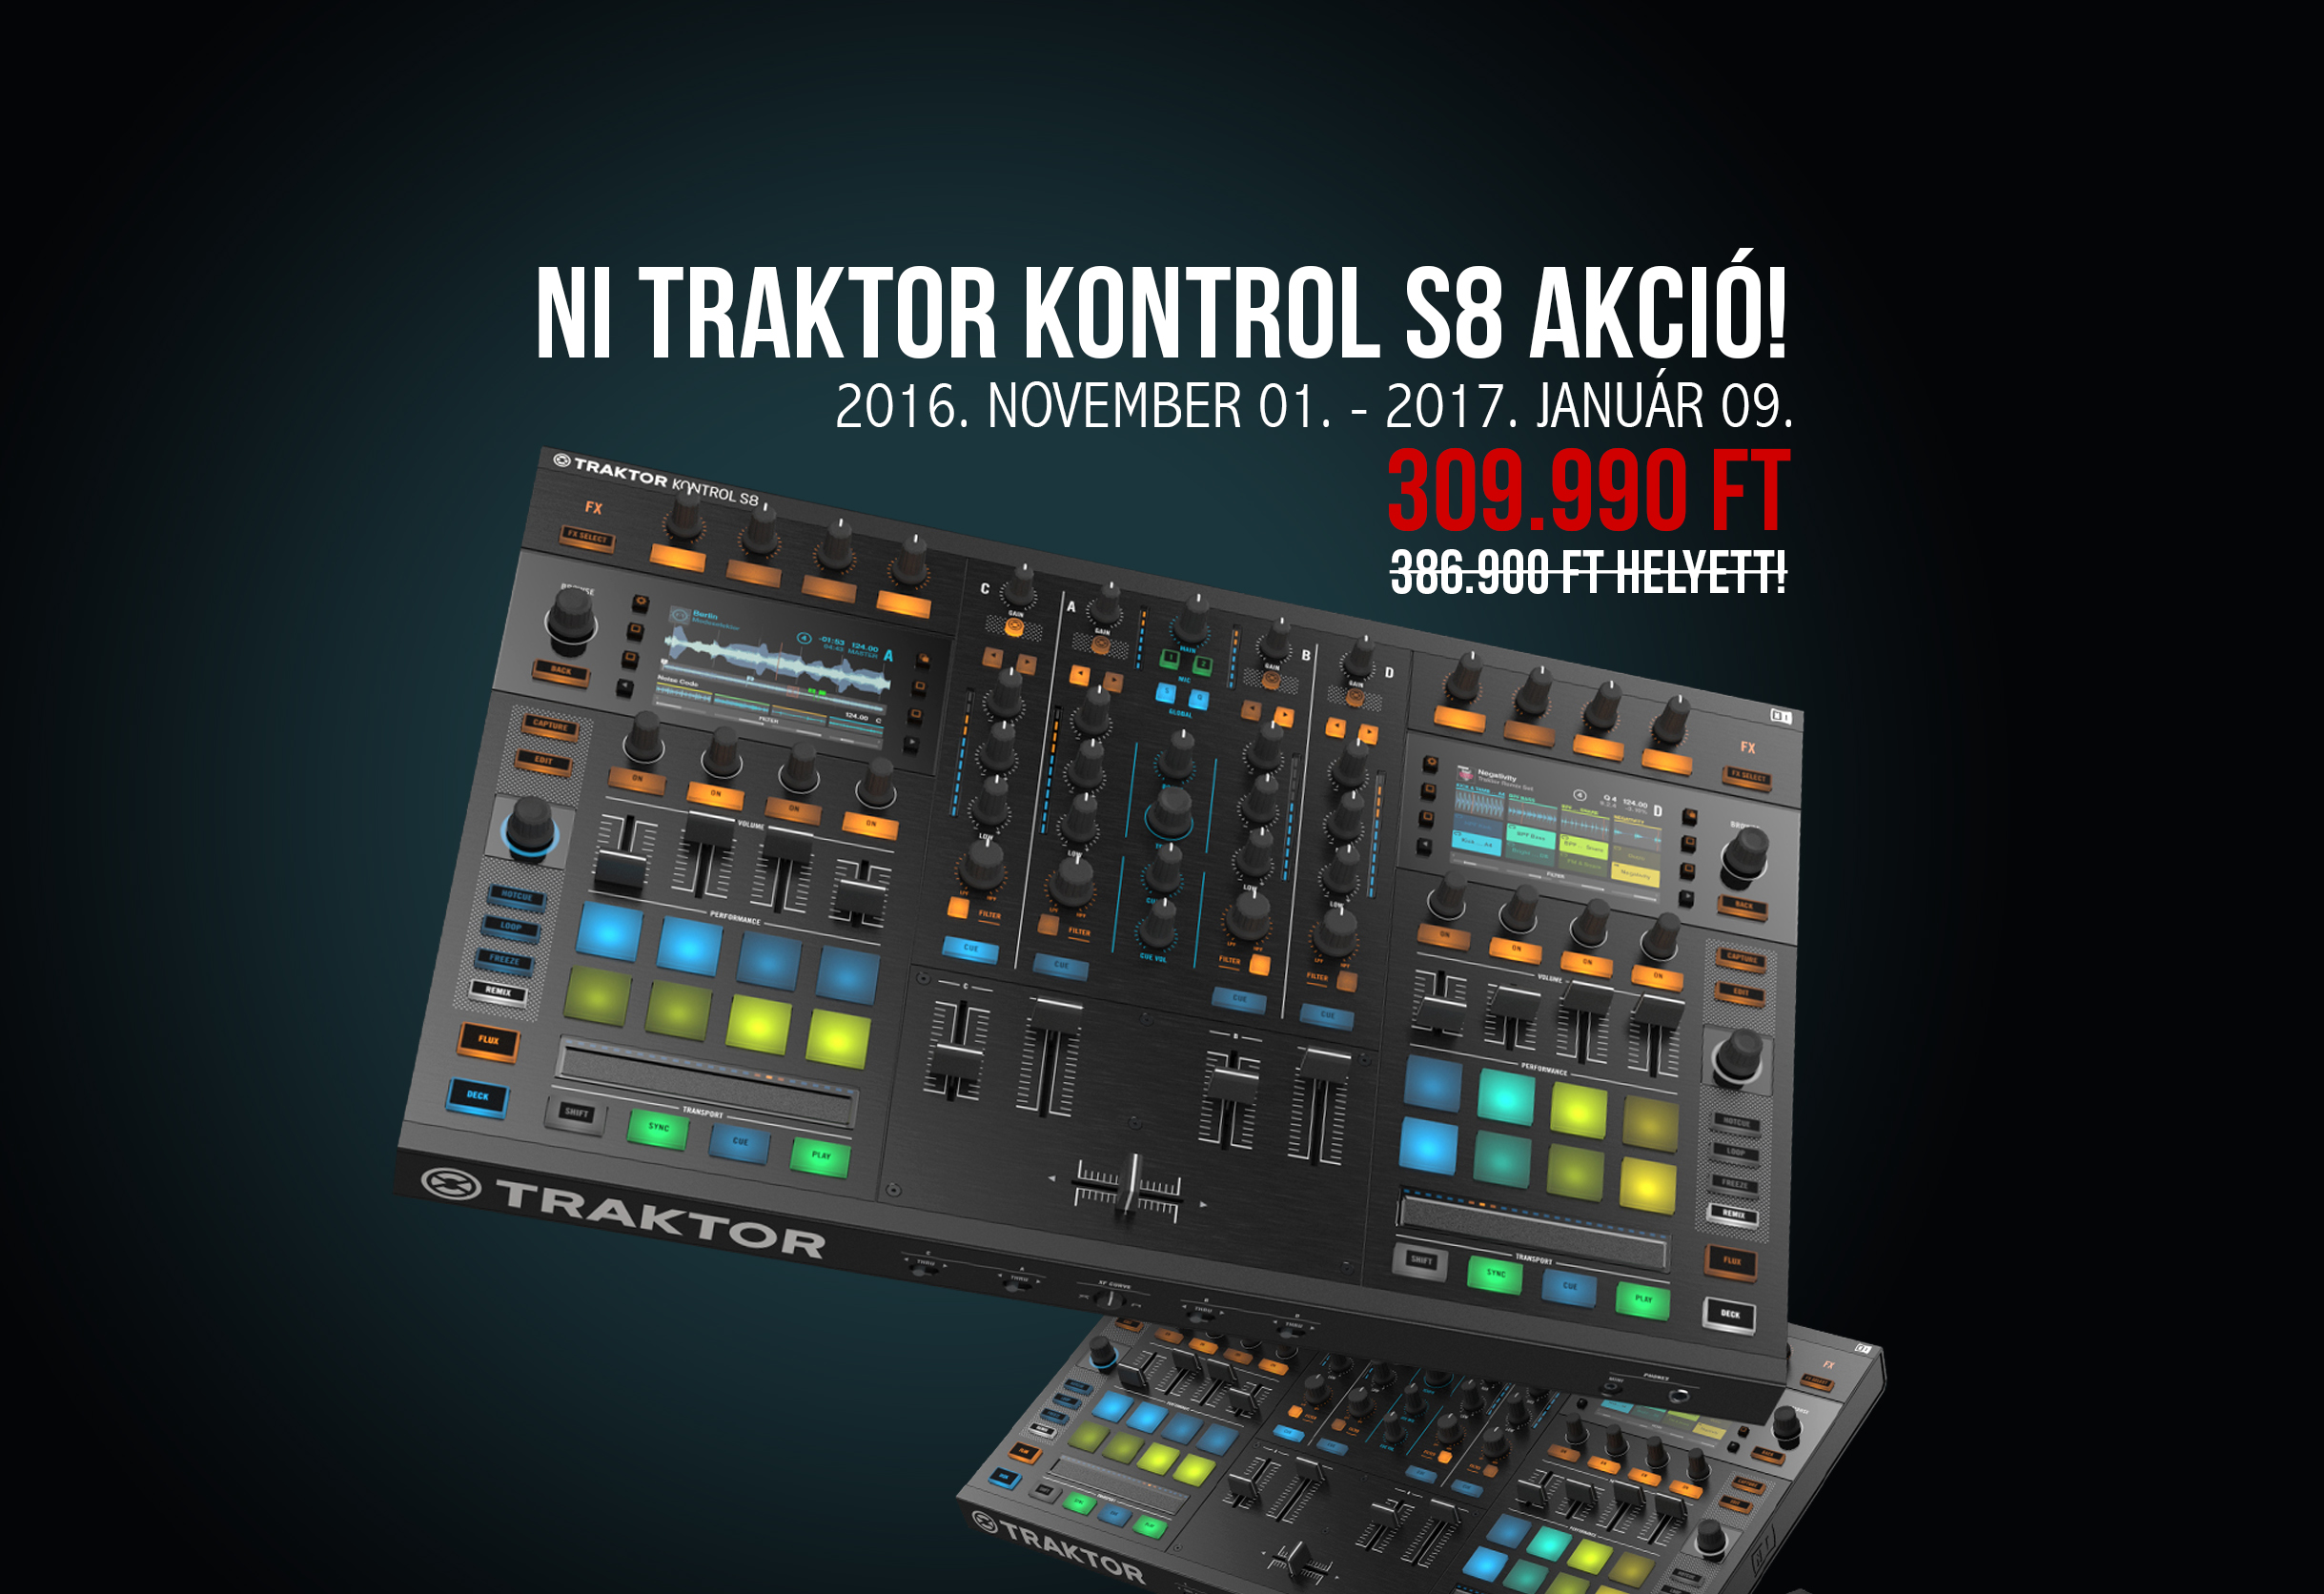 ni_traktor-kontrol-s8_sales_special-copy-copy